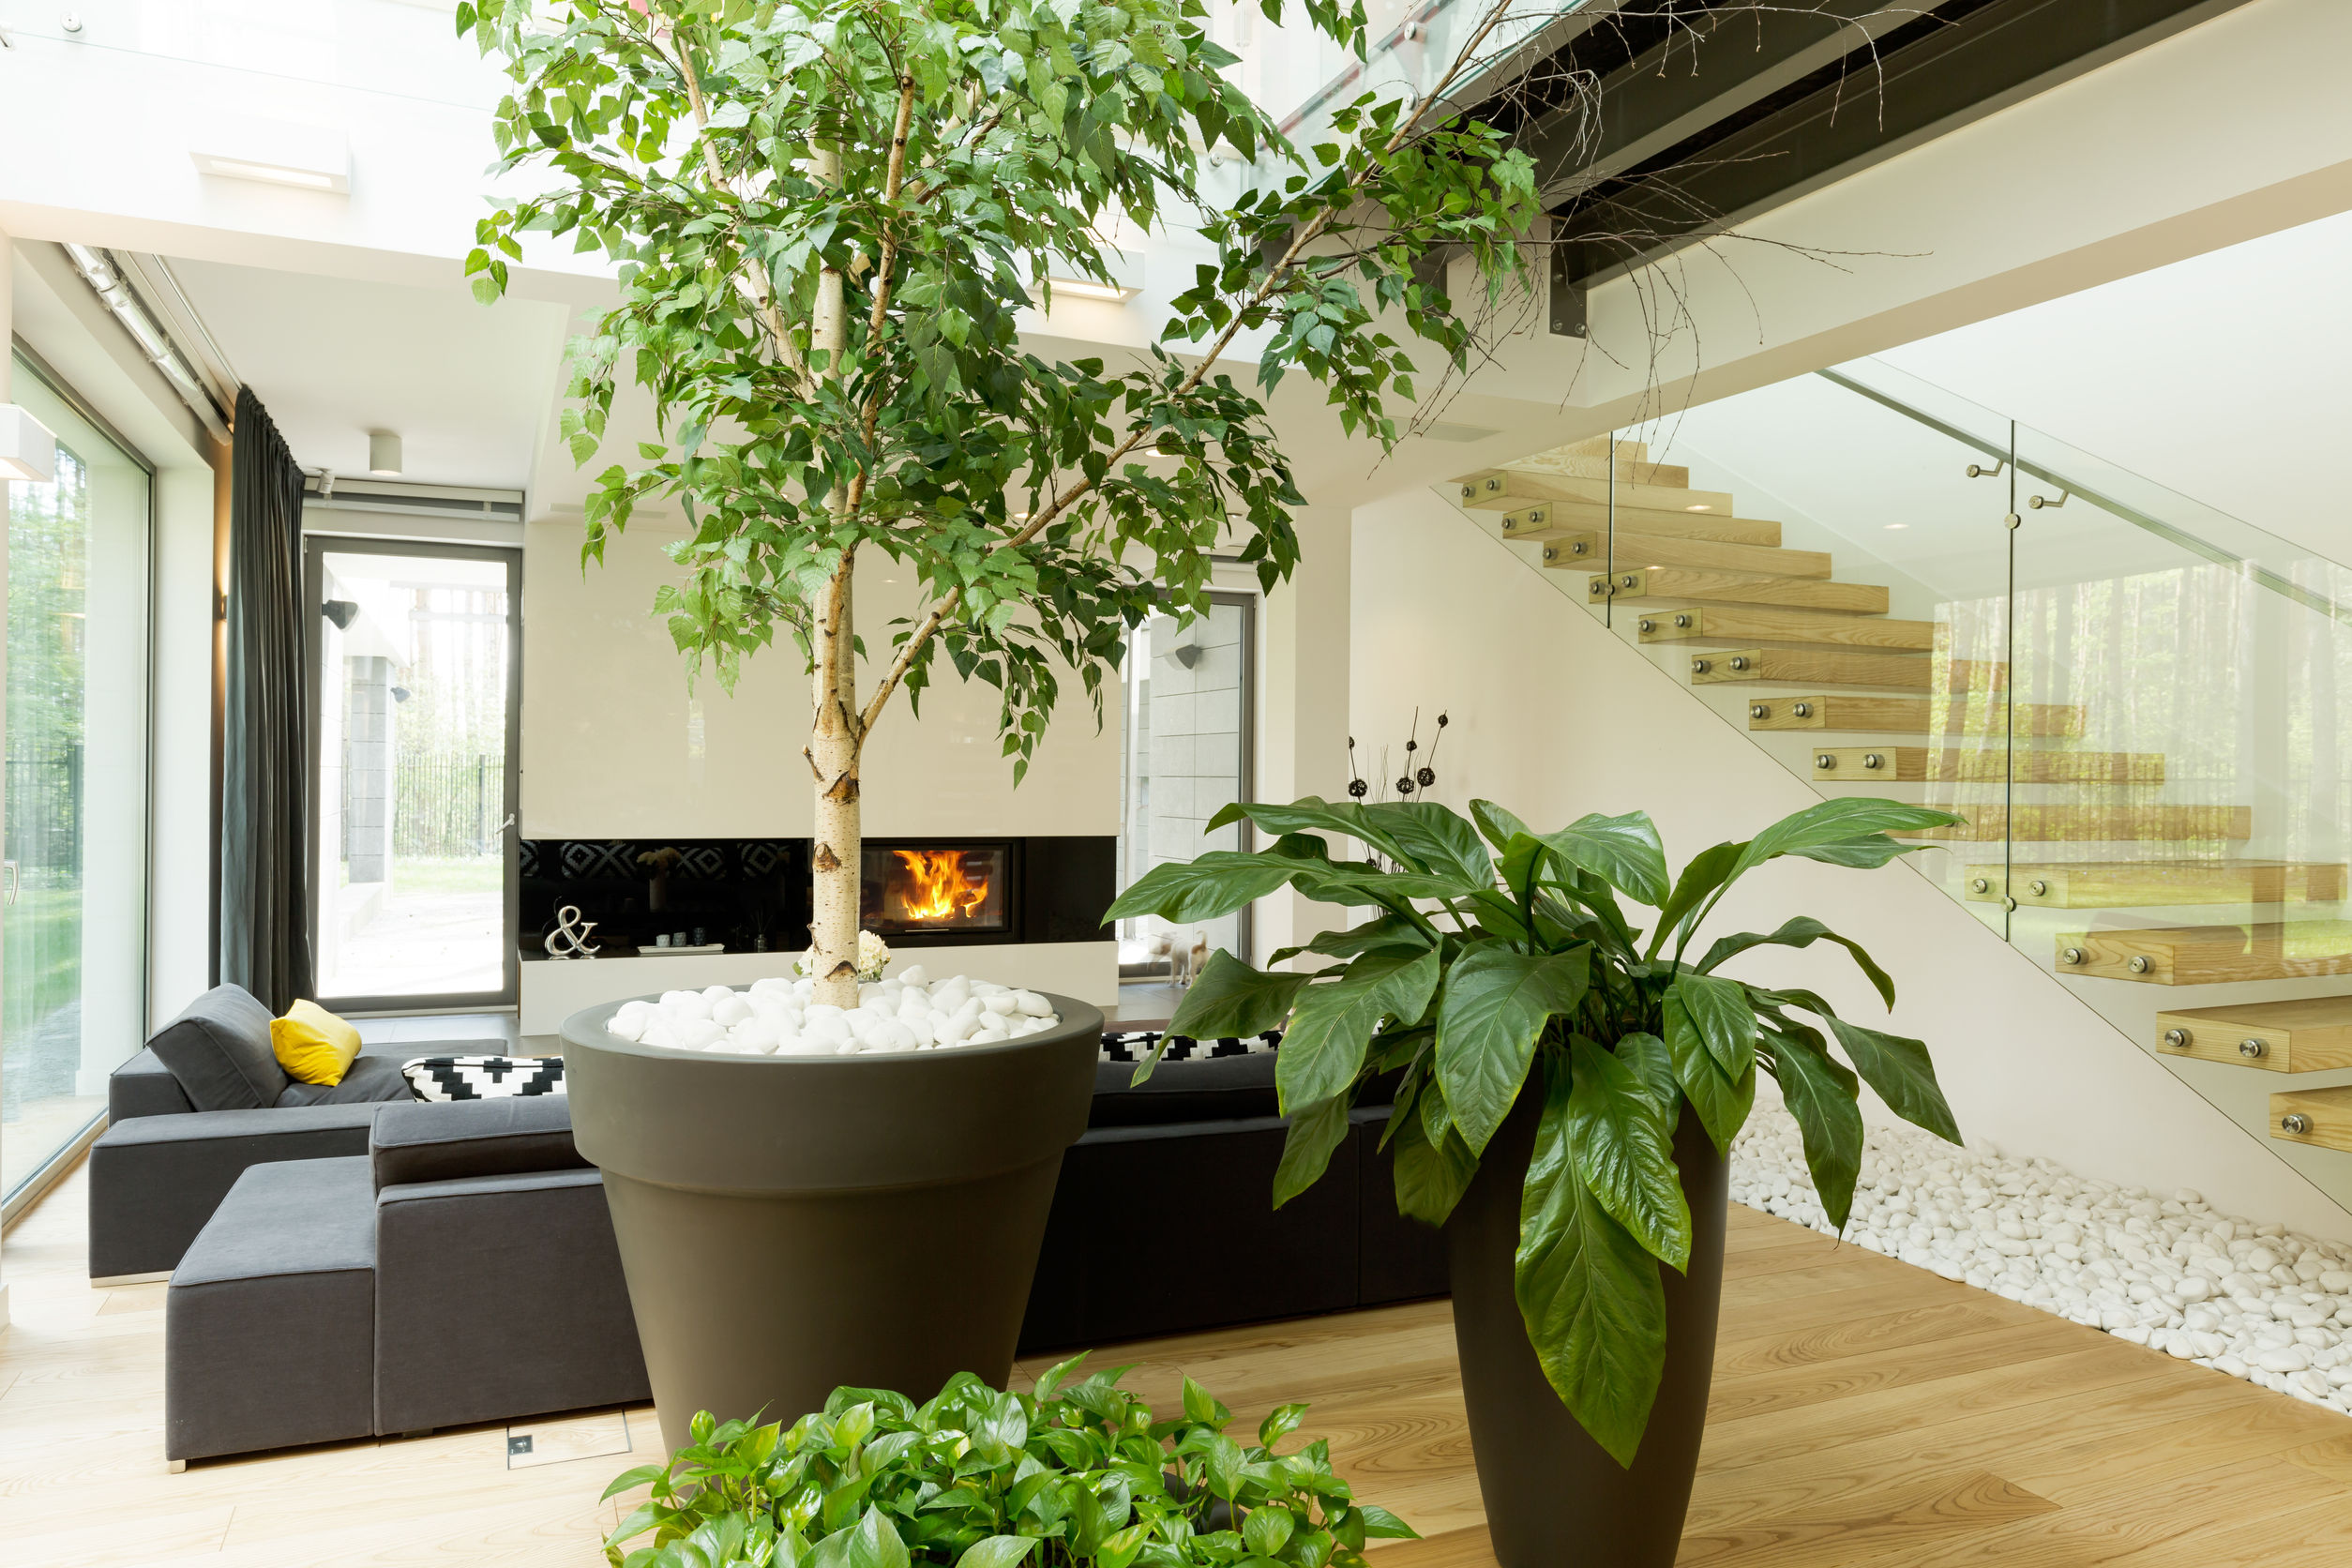 comment d corer votre int rieur avec des plantes vertes le mag visiondeco. Black Bedroom Furniture Sets. Home Design Ideas